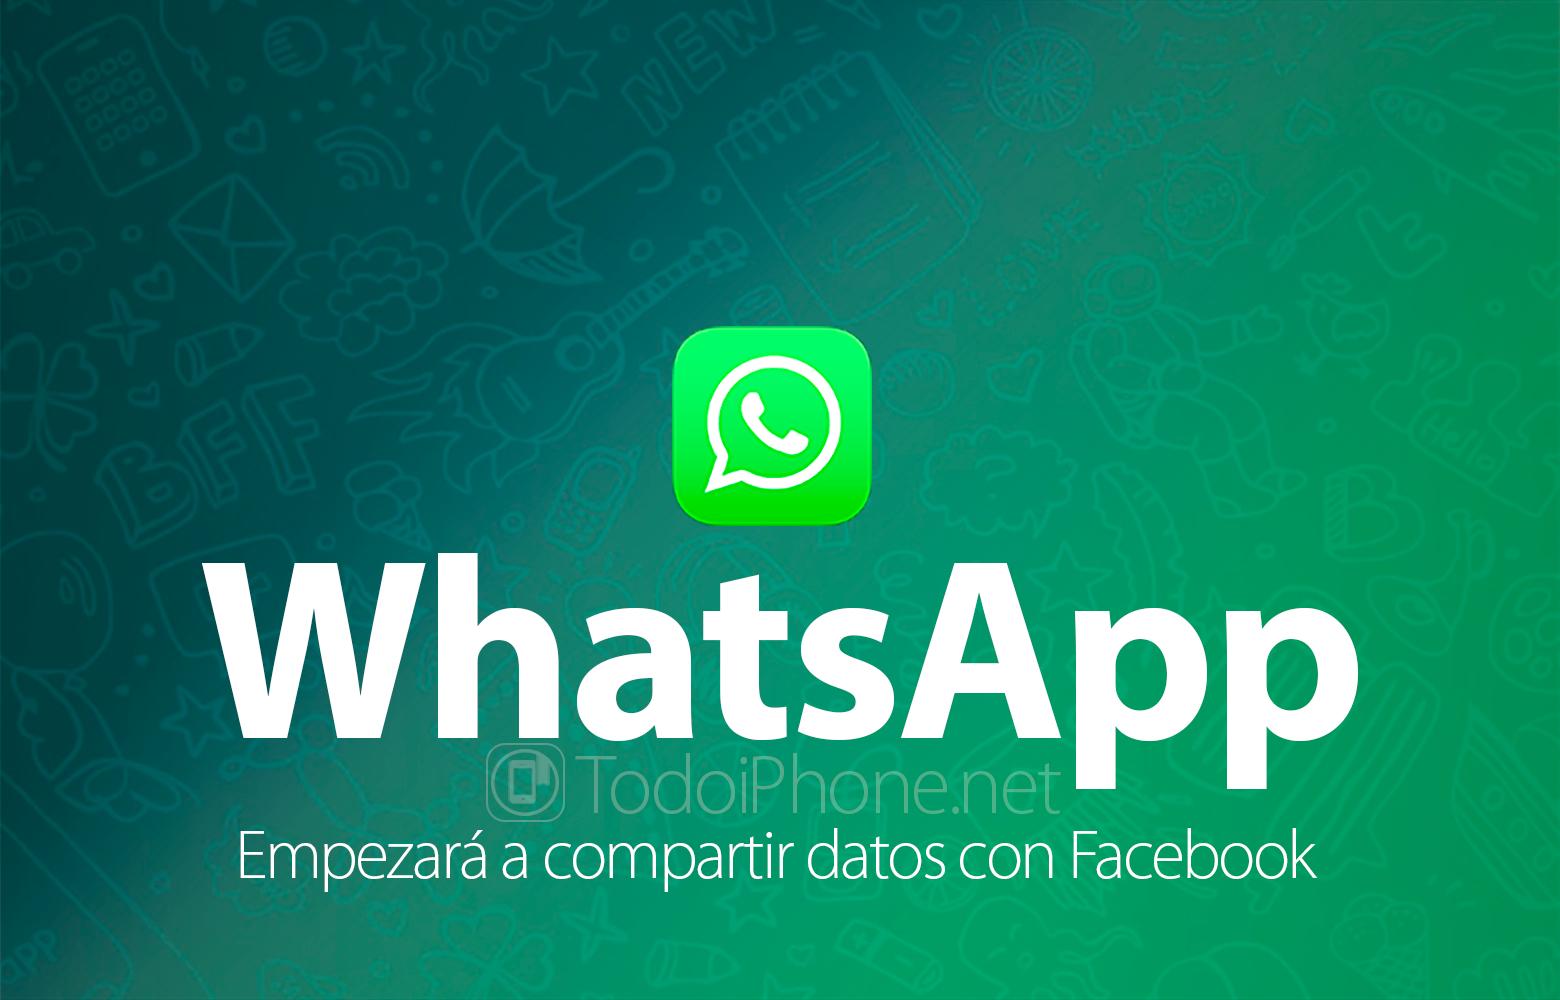 WhatsApp beginnt mit der Freigabe von Benutzerdaten Facebook 1